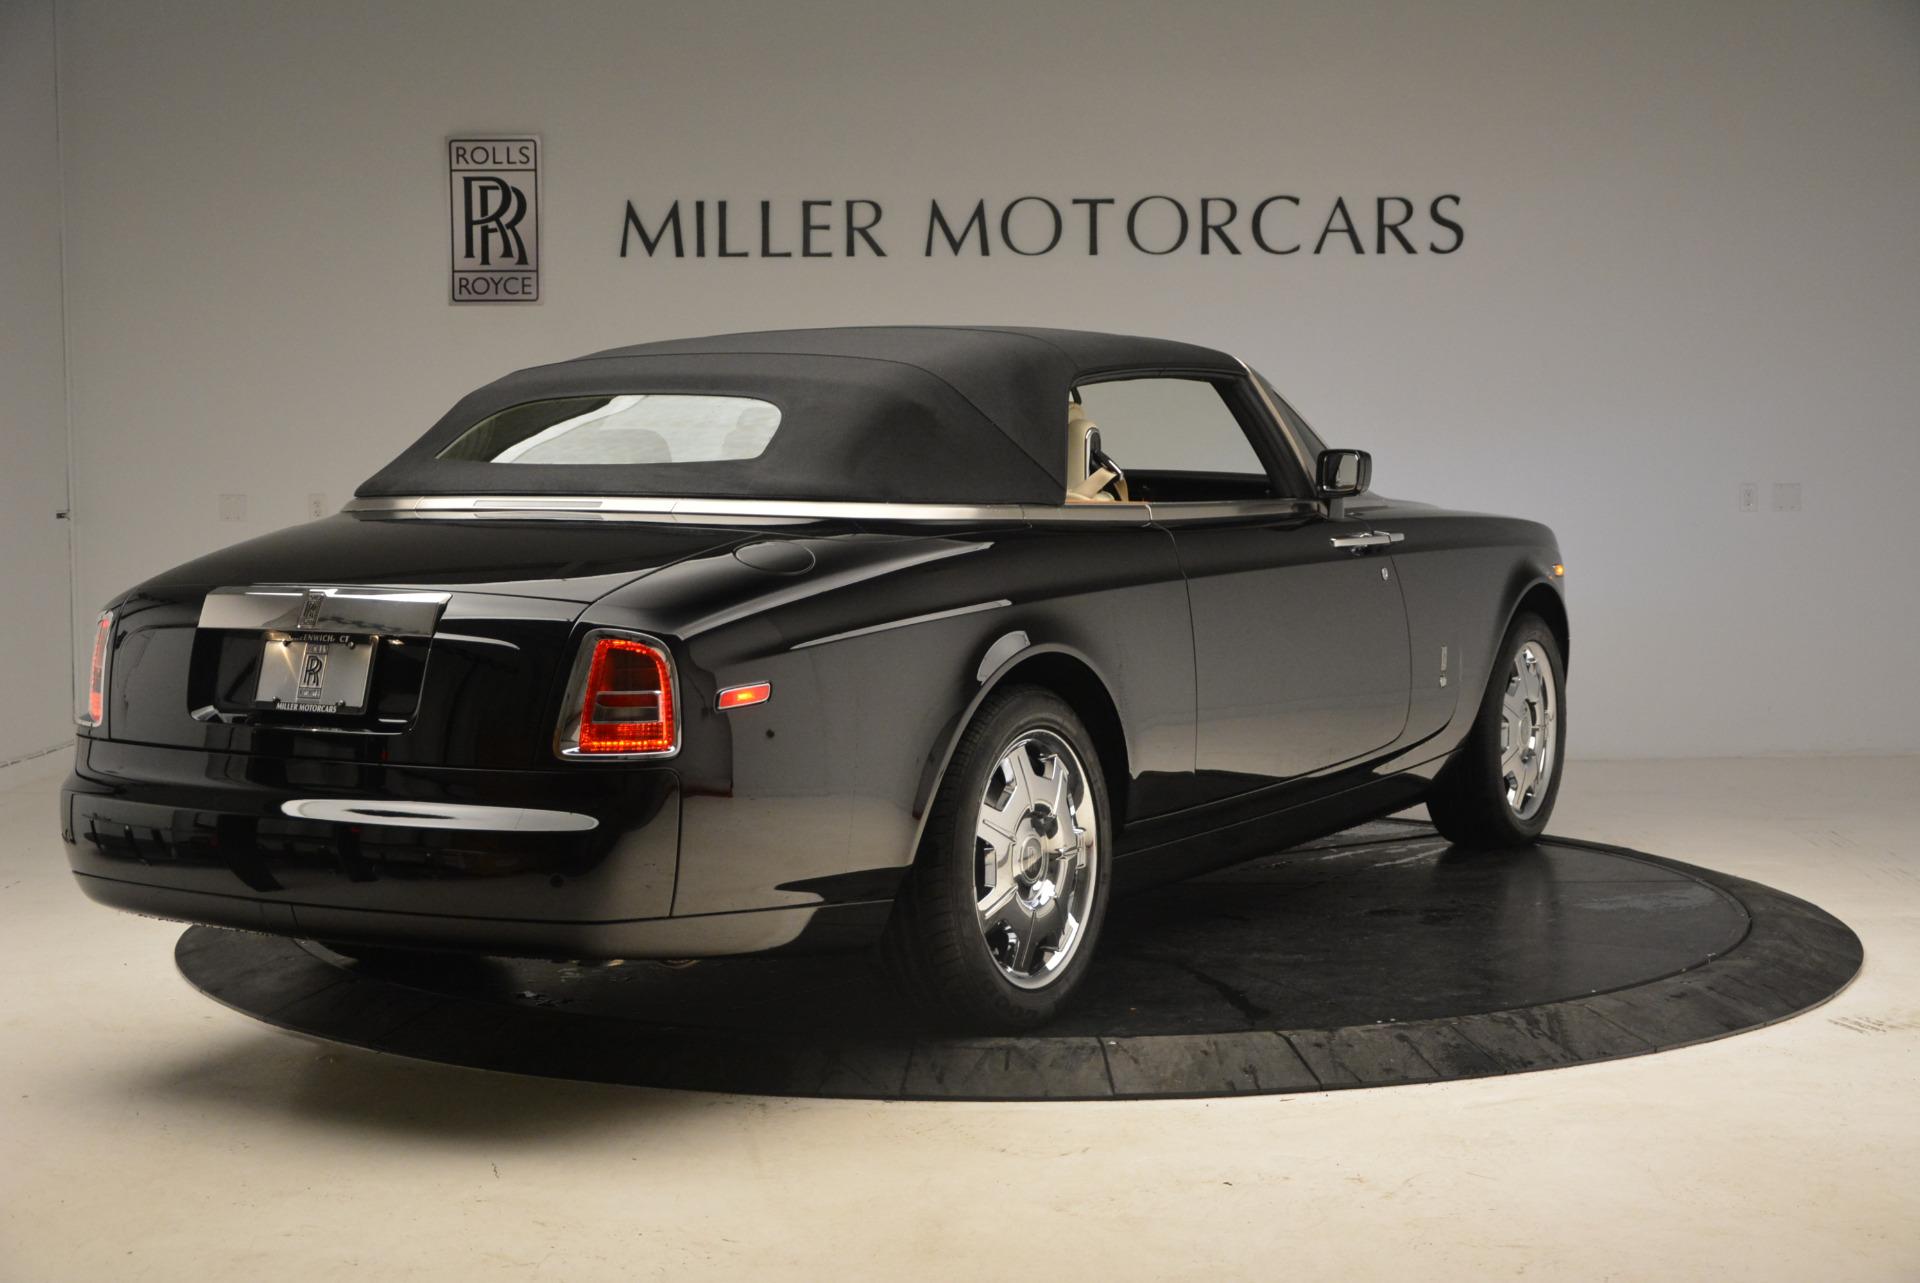 Used 2009 Rolls-Royce Phantom Drophead Coupe  For Sale In Westport, CT 1792_p19